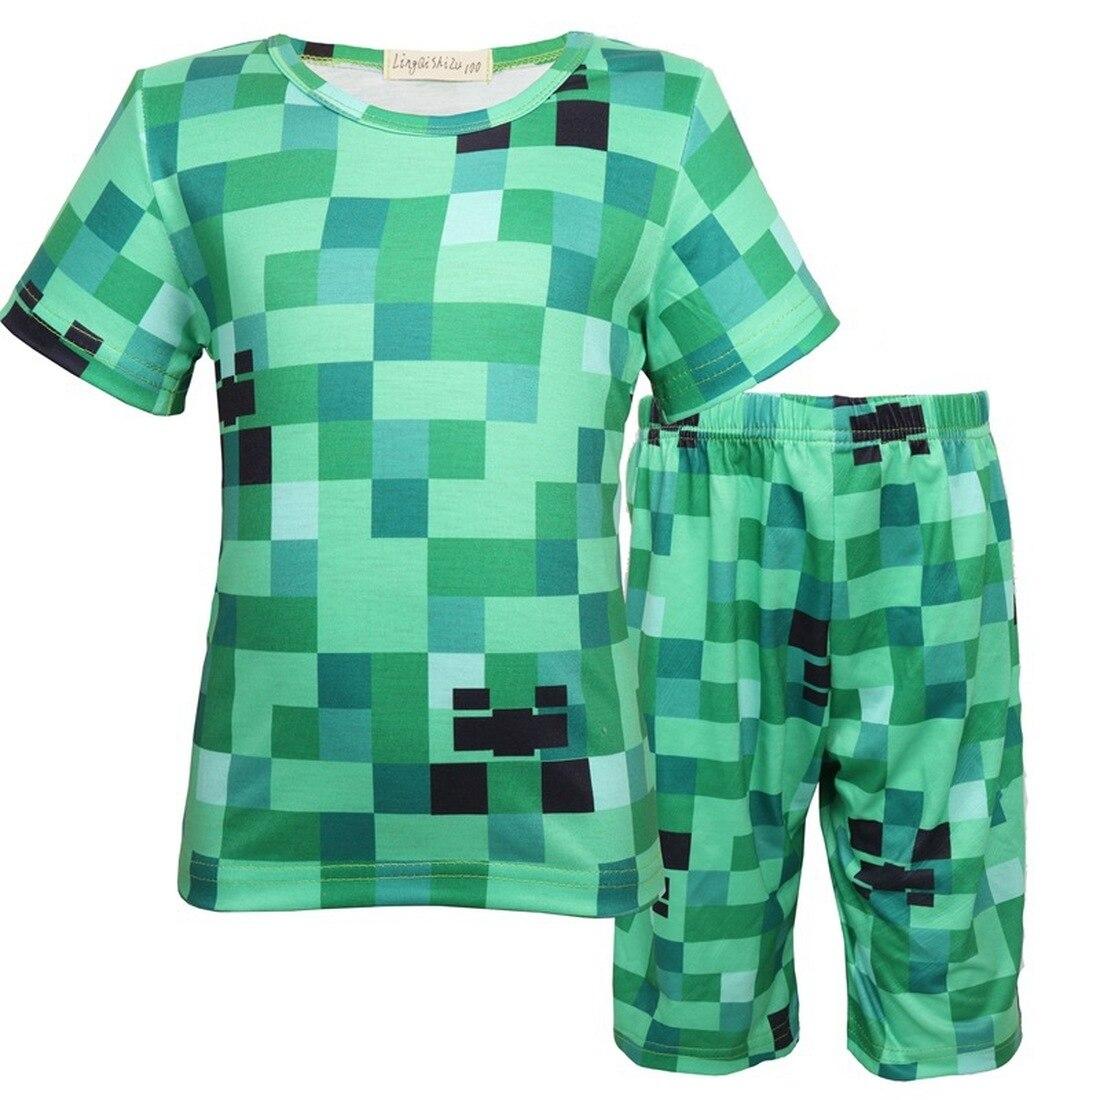 Minecrafting, pijamas para chicos, nuevos pijamas de dibujos animados de verano, conjunto de ropa de niñas, ropa de niños, ropa de hogar Casual, trajes de dormir